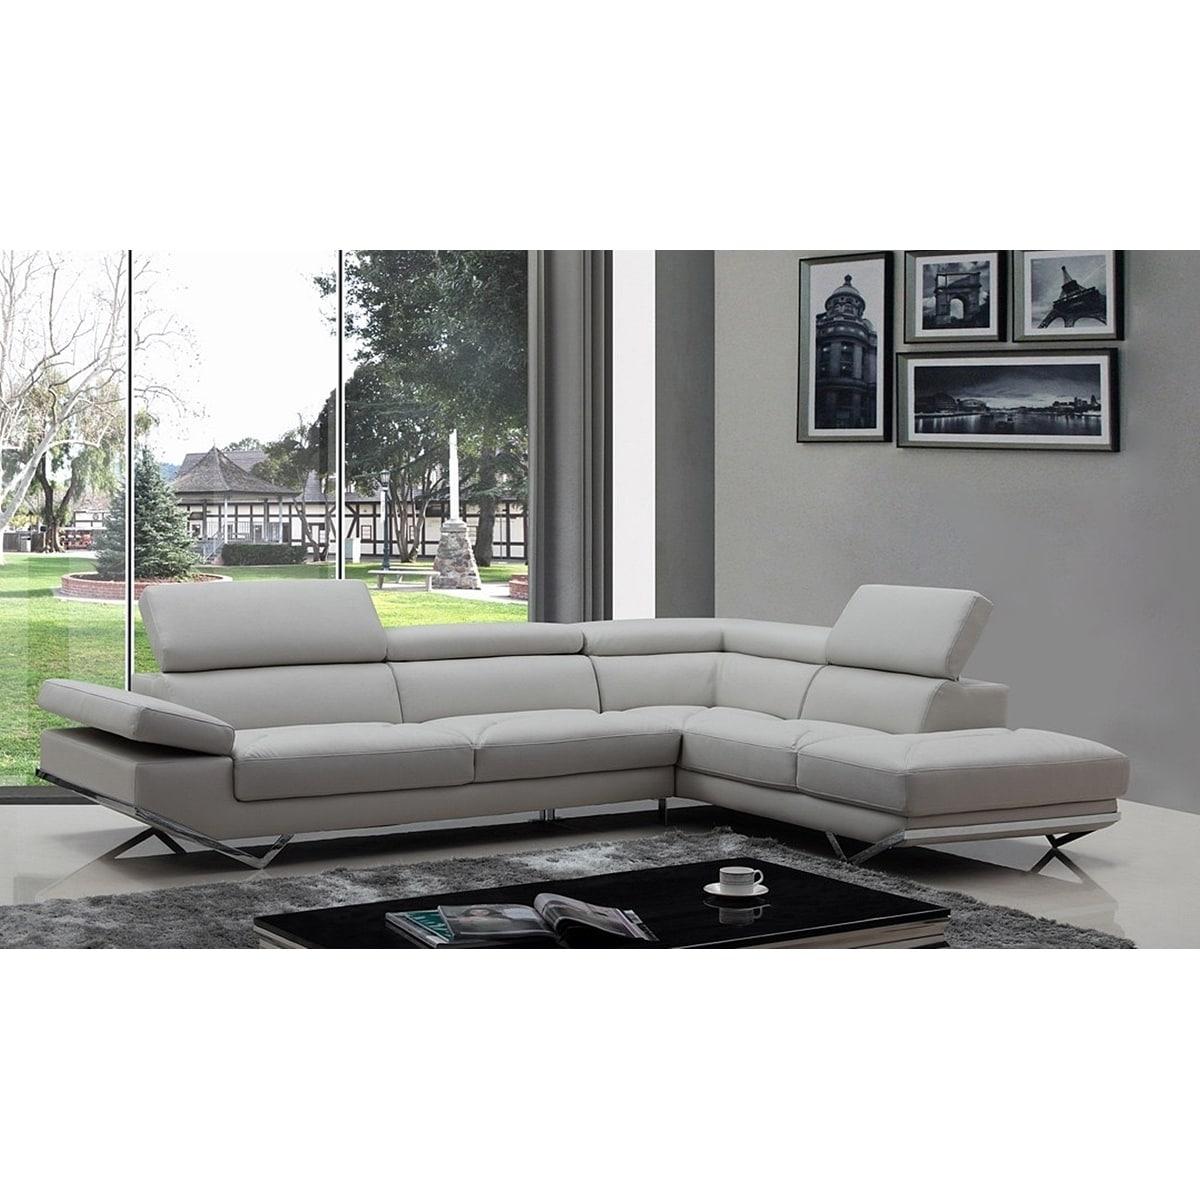 Shop Walden Modern Light Grey Leather L Shape Sofa With Adjustable